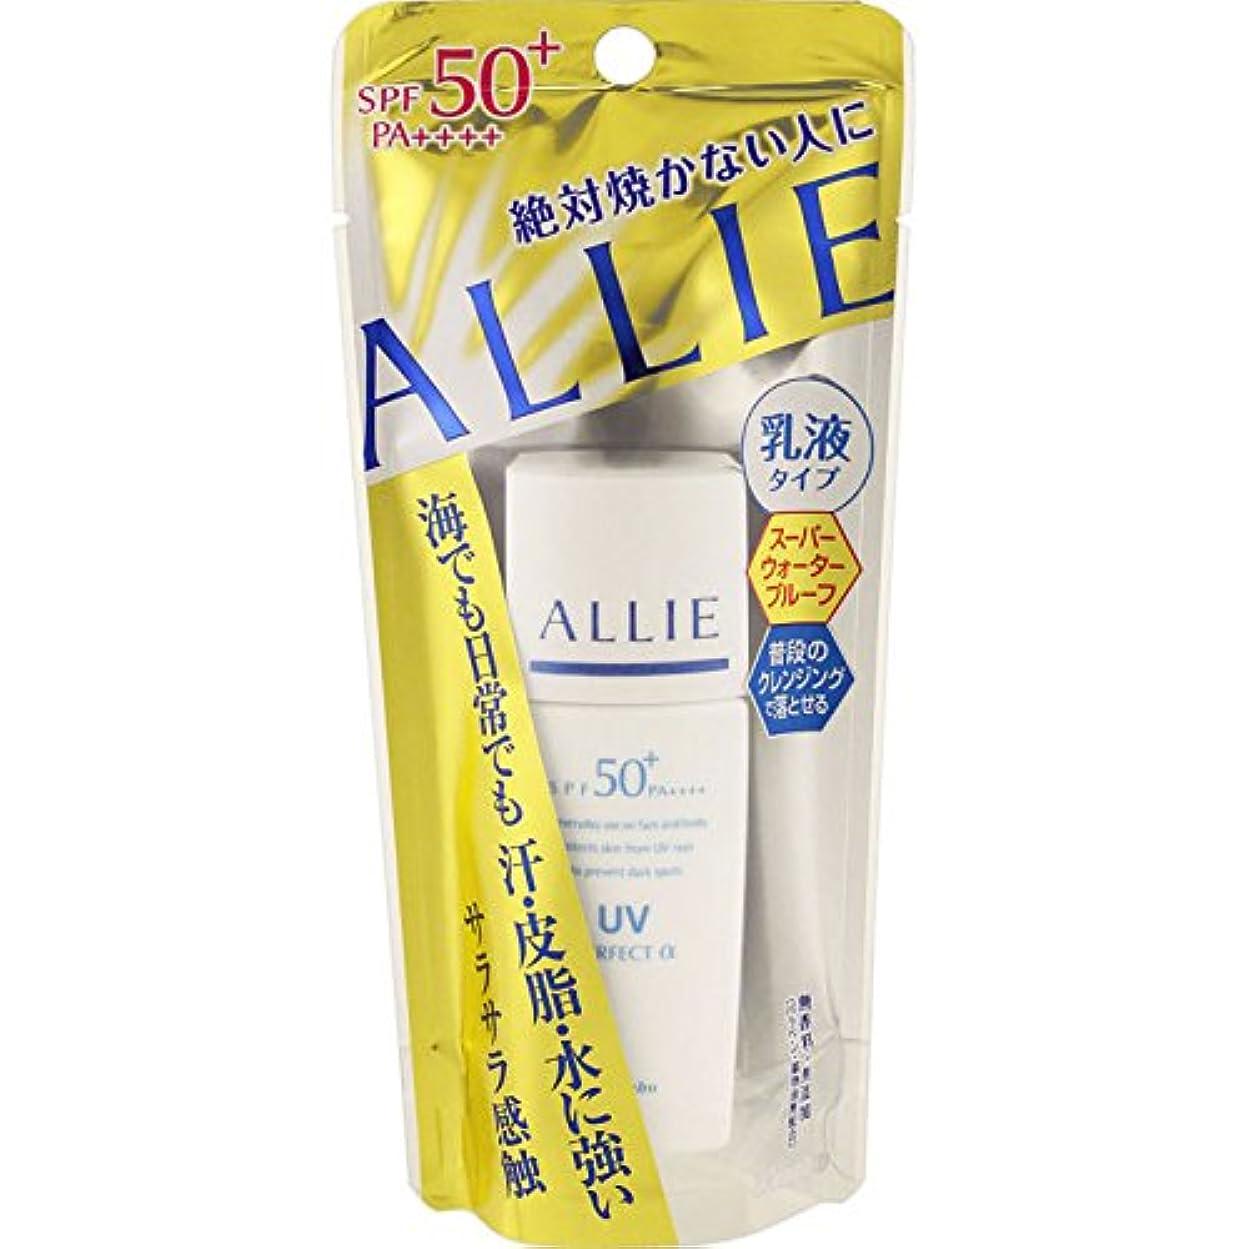 関係するクラック程度【カネボウ】 ALLIE(アリィー) エクストラUVプロテクター(パーフェクトアルファ)S 25mlミニ (SPF50+/PA+++)